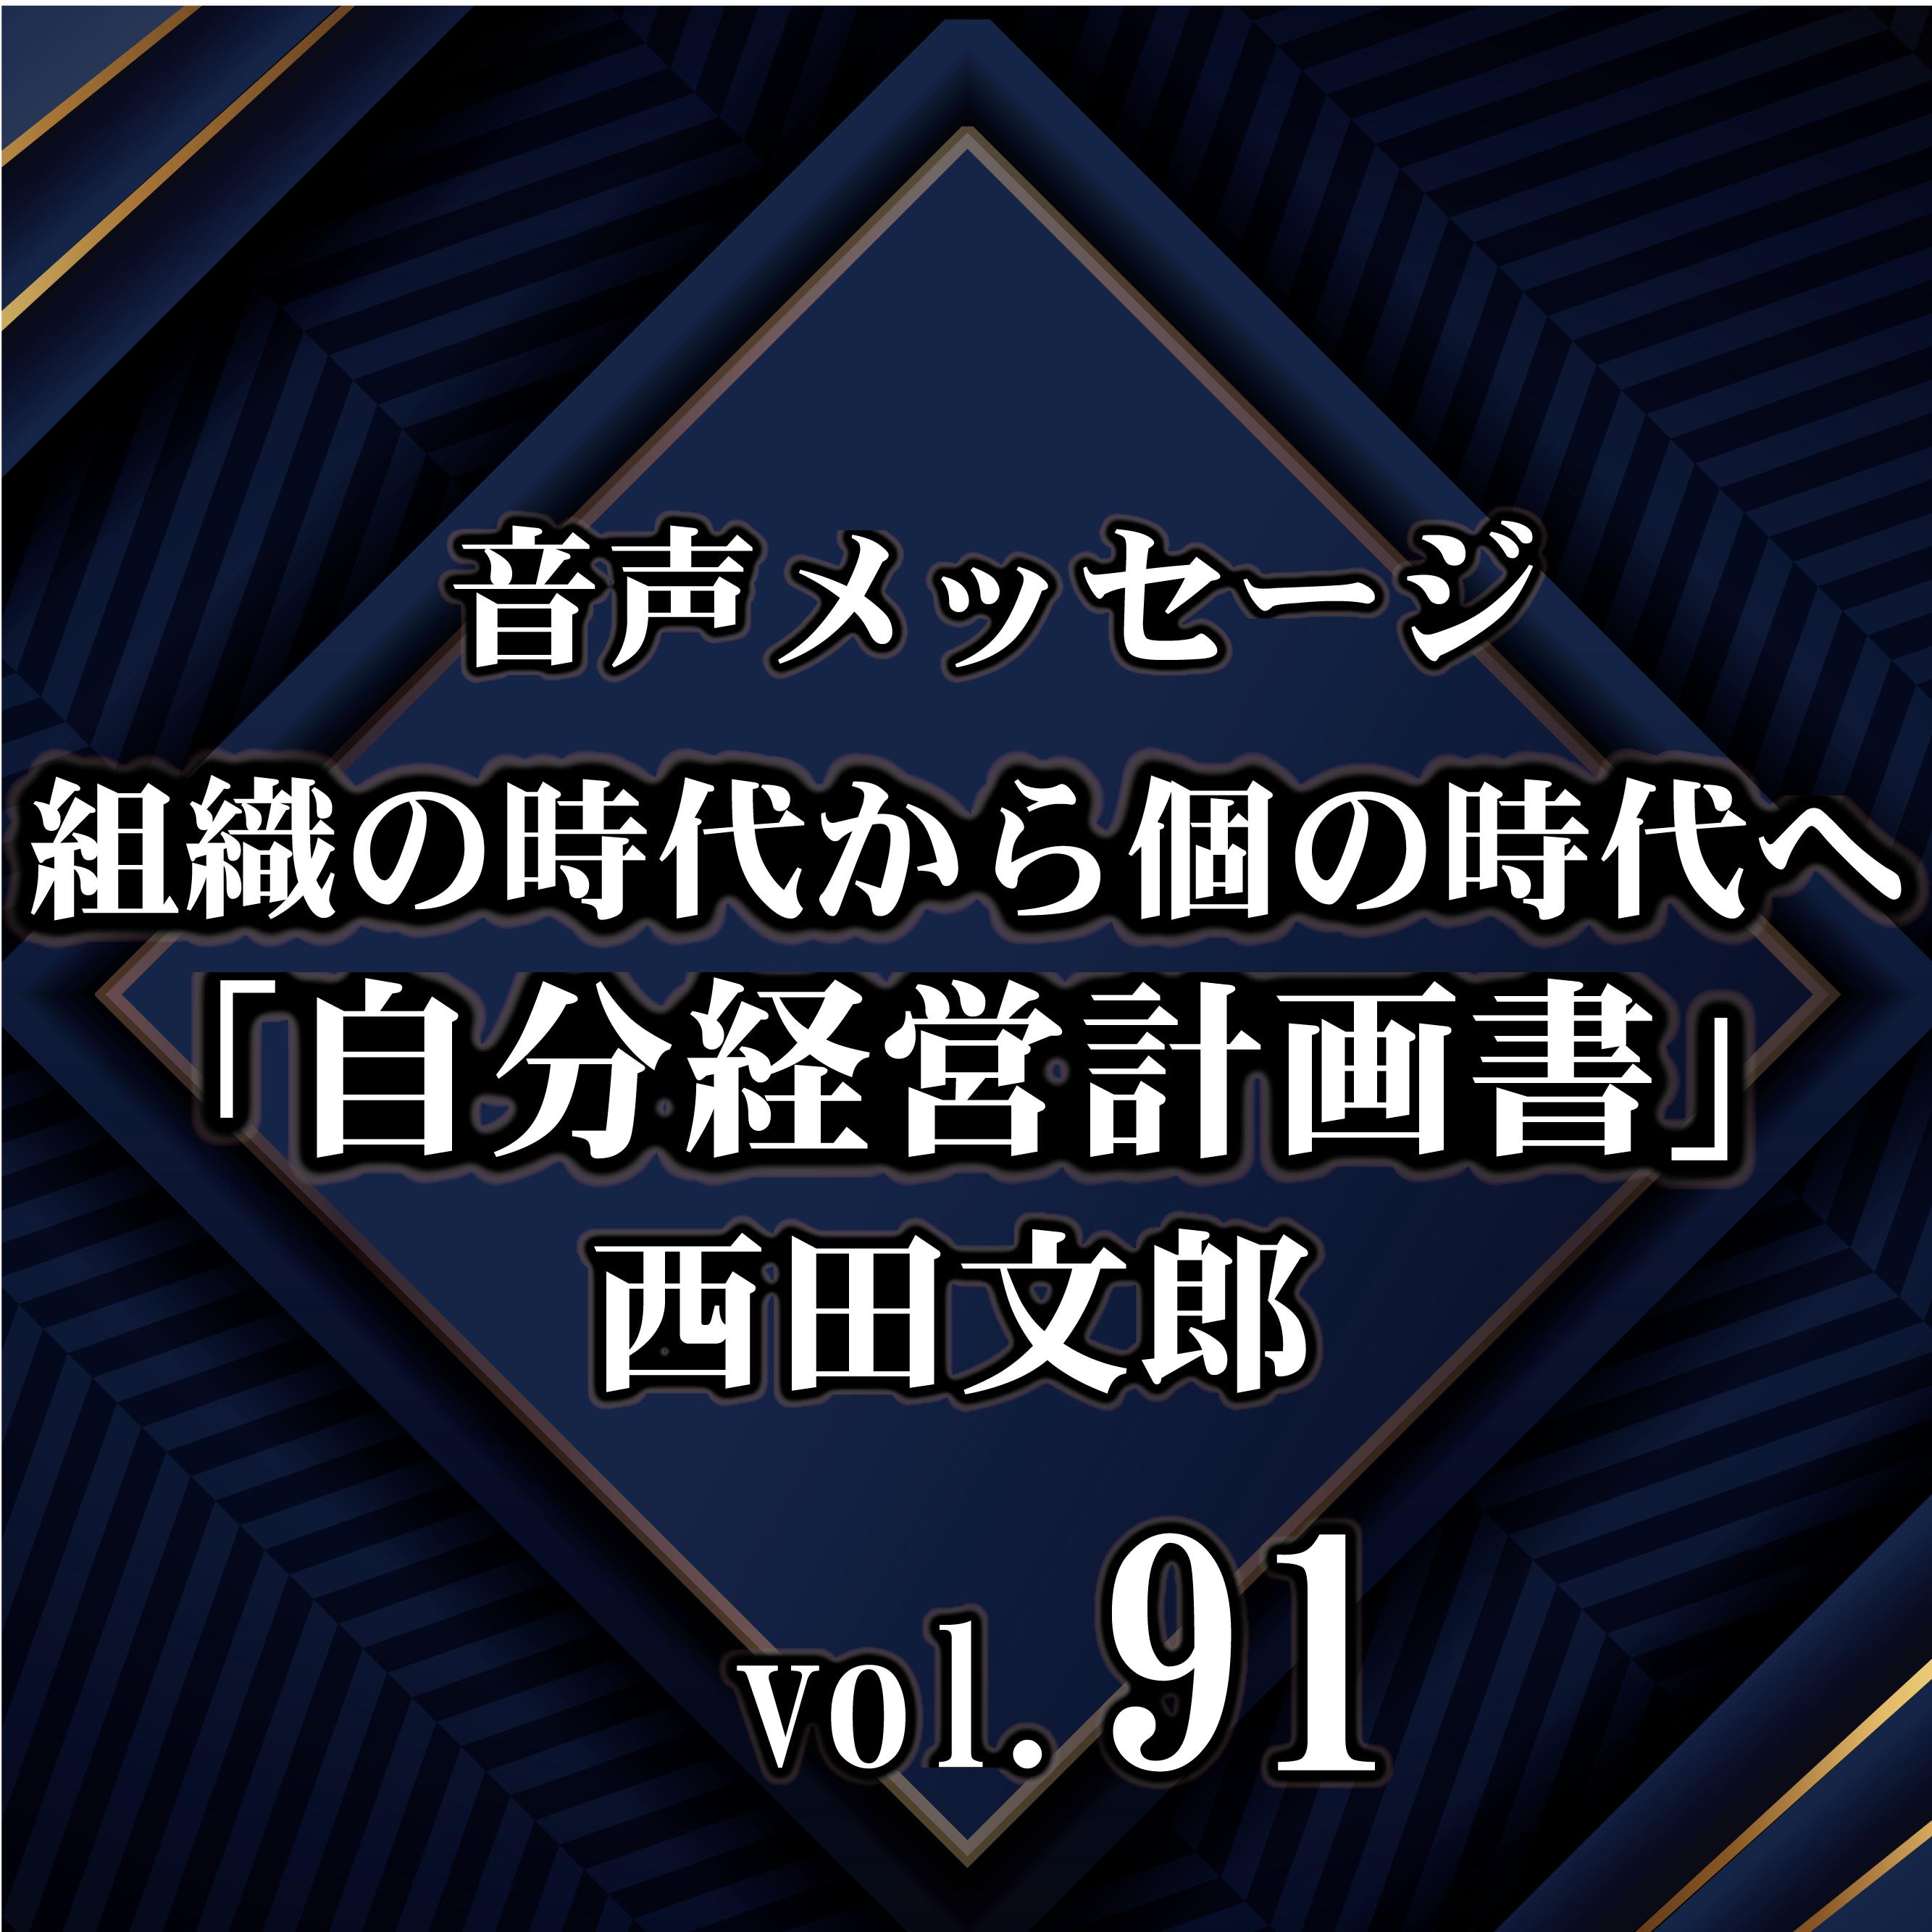 西田文郎 音声メッセージvol.91『組織の時代から個の時代へ「自分経営計画書」』